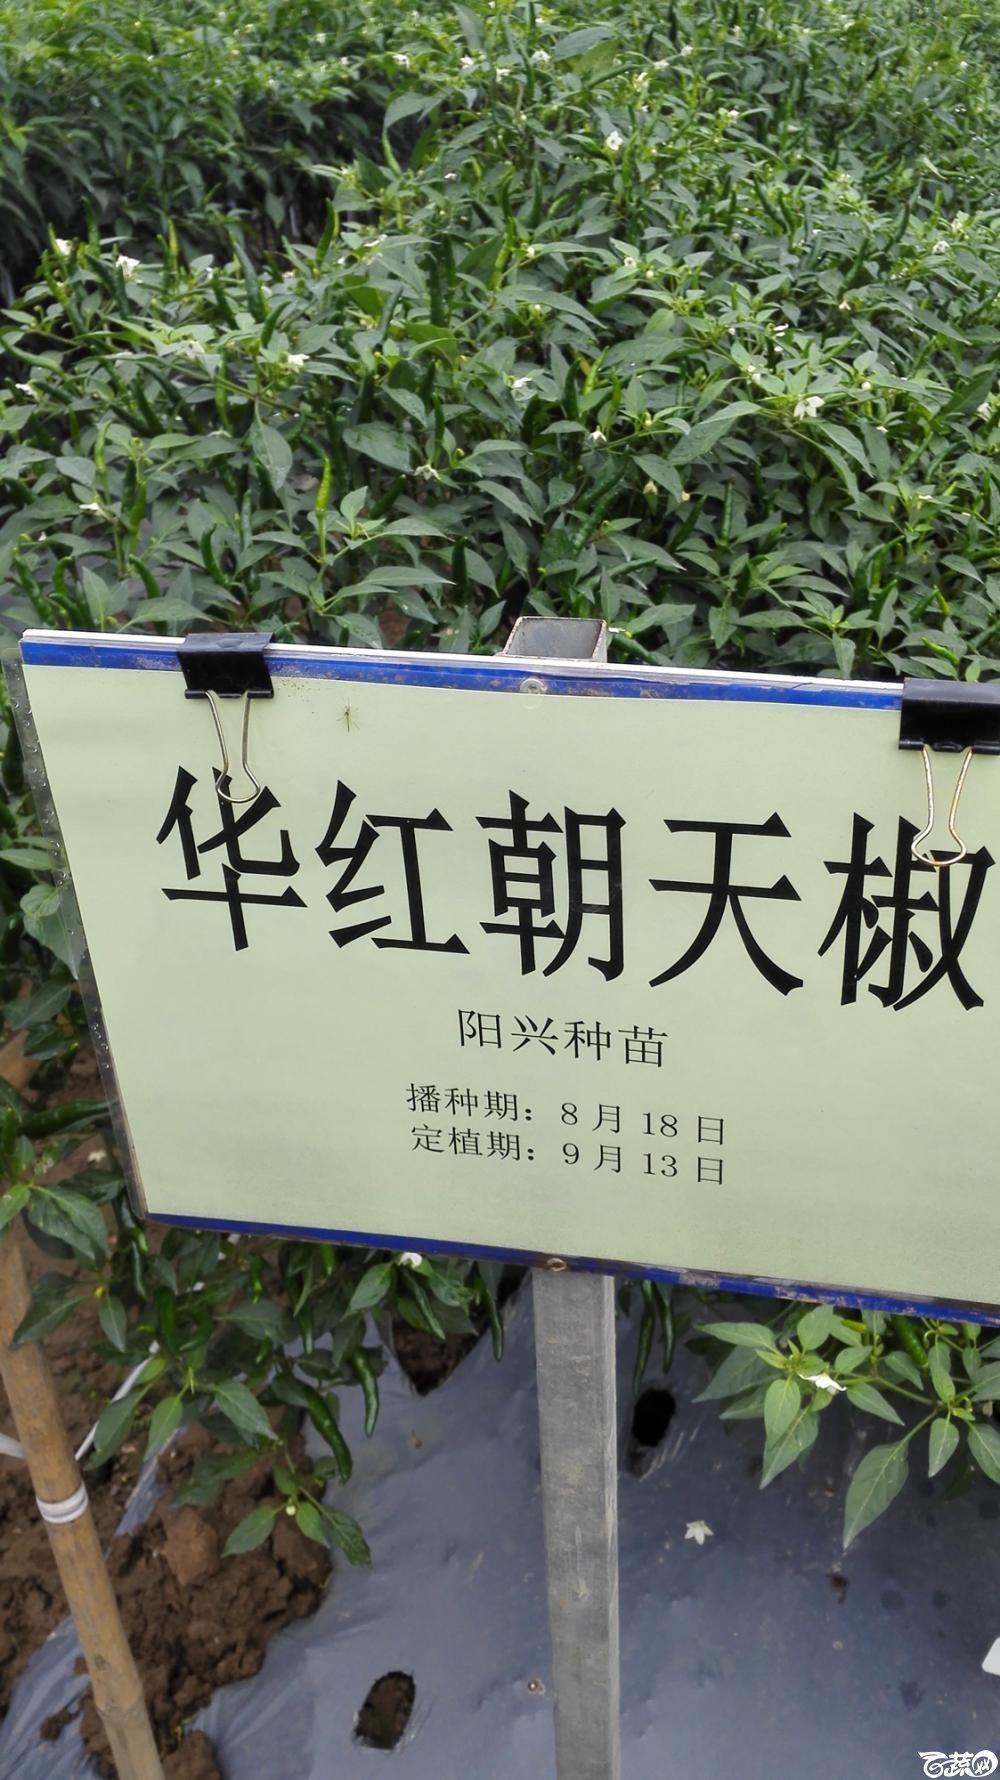 2014年12月8号中山蔬菜新品种展示会_辣椒_071.jpg